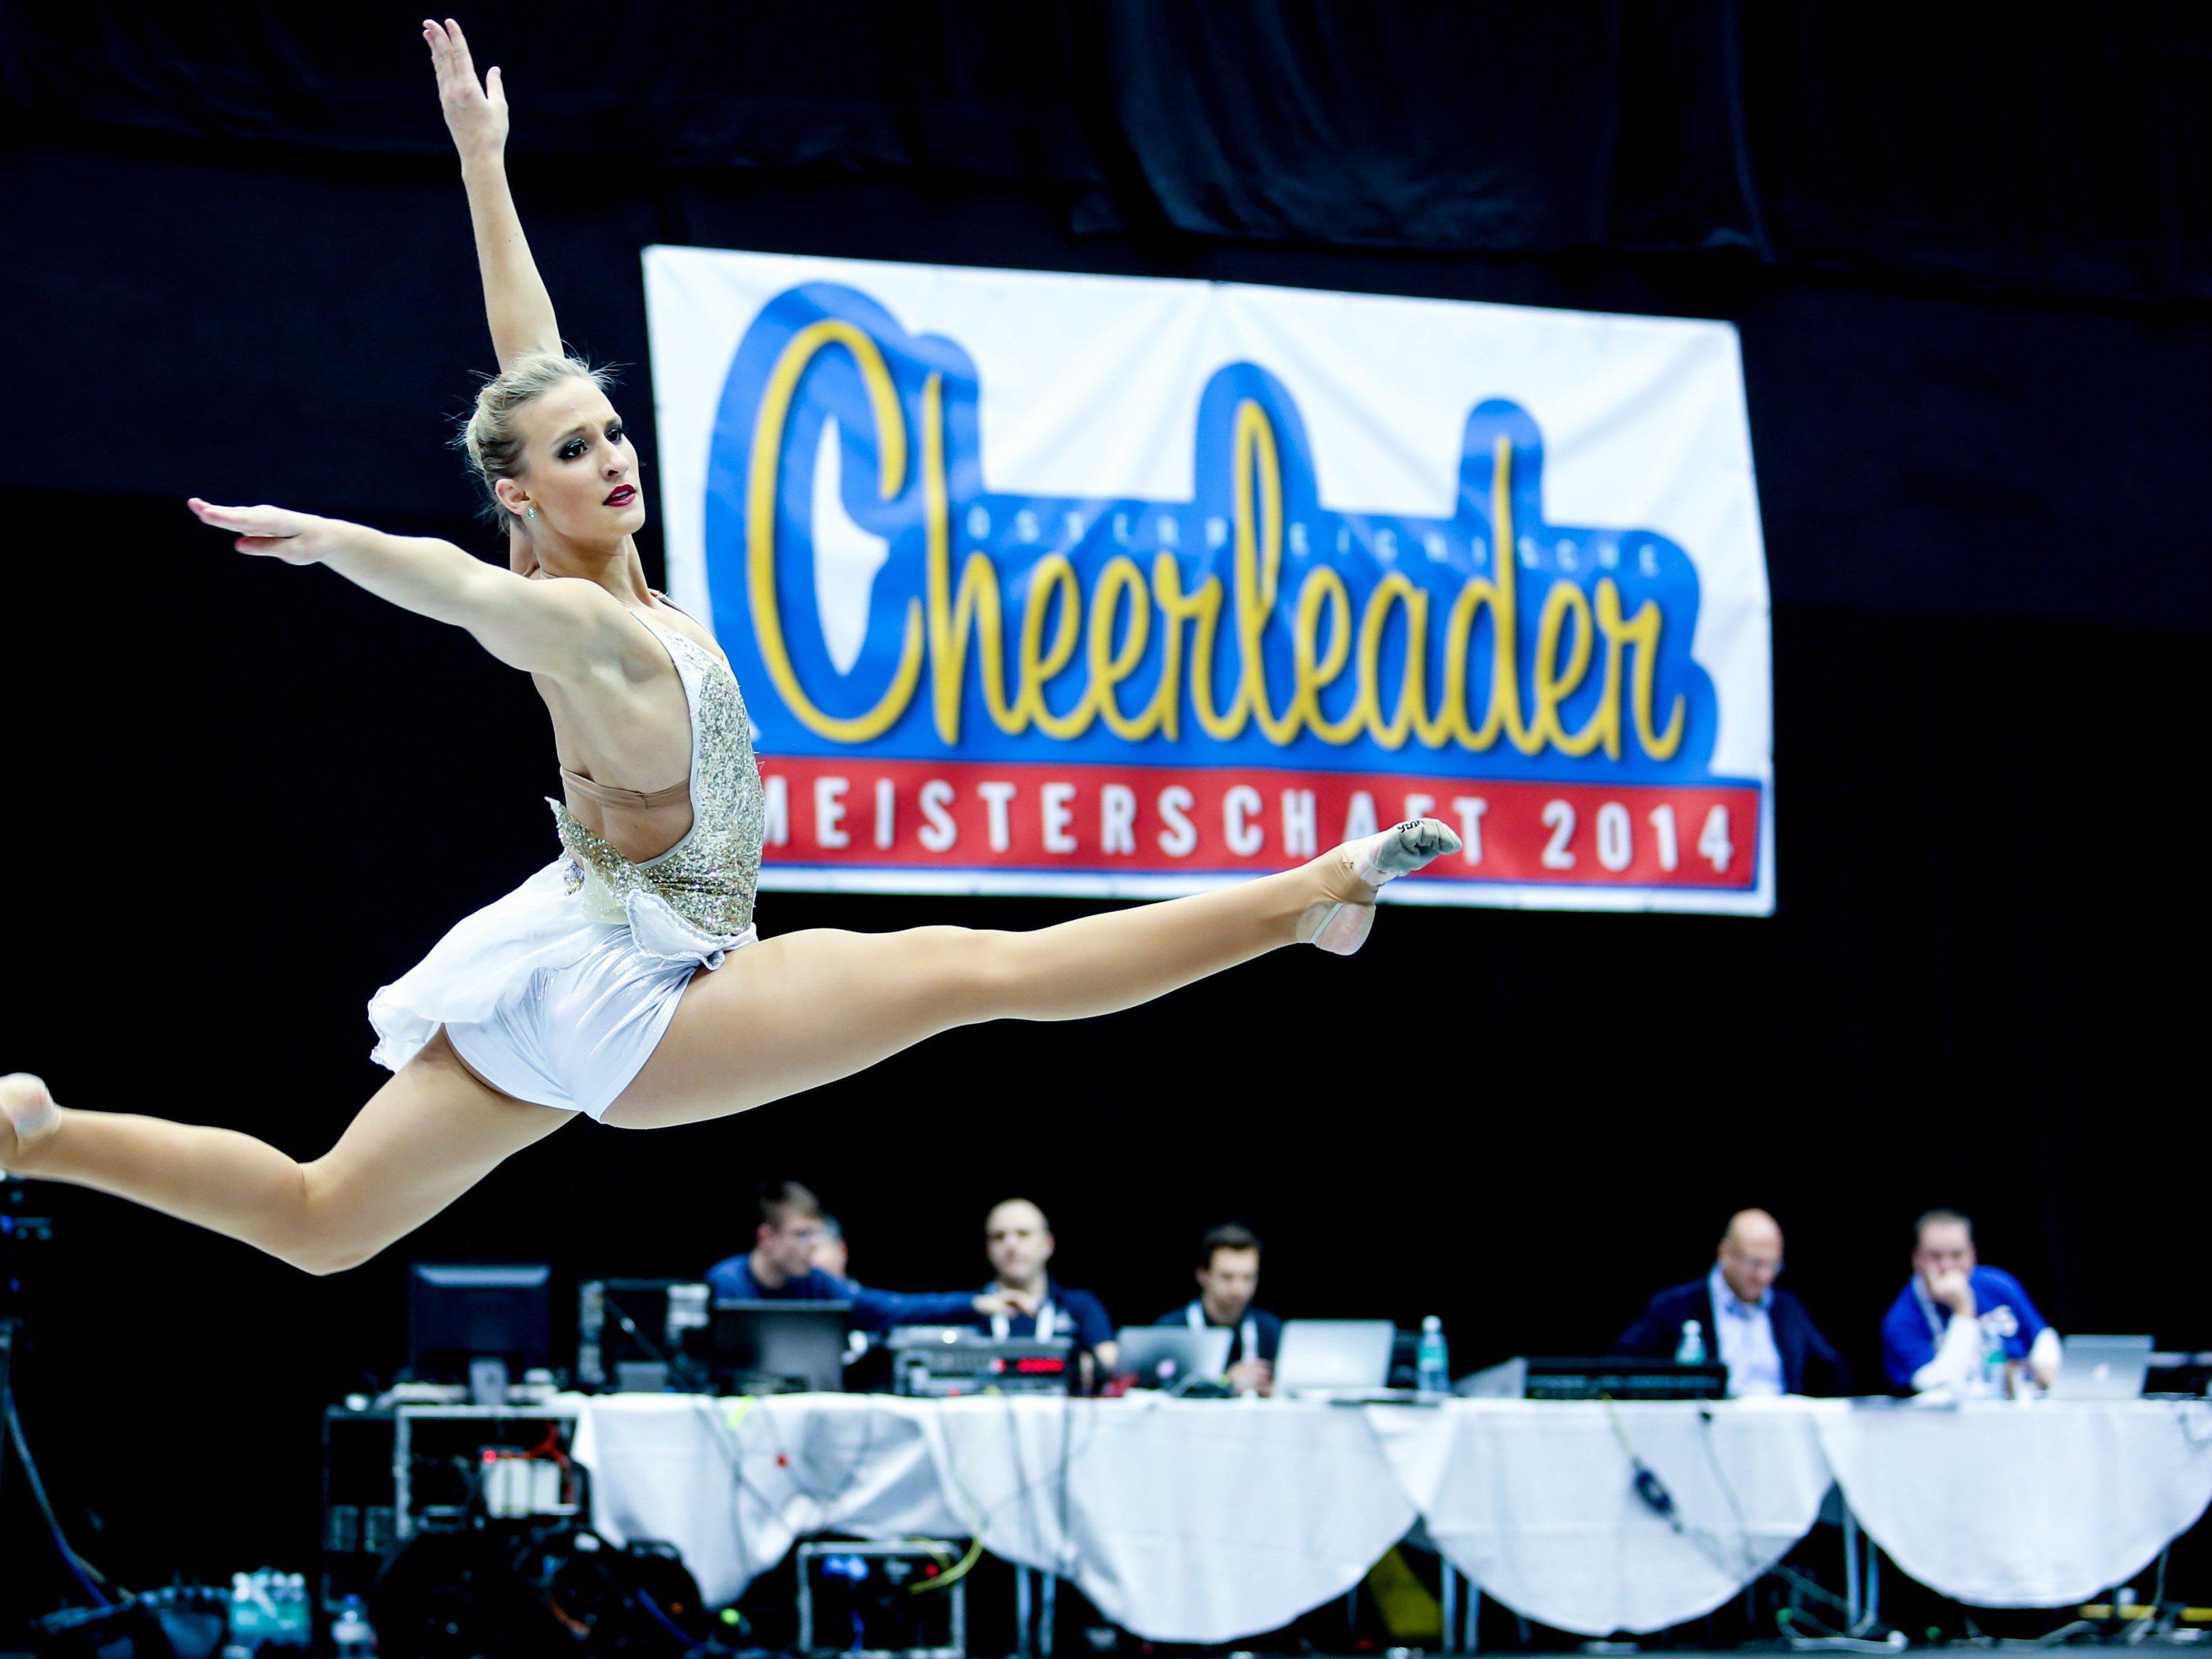 Die Milleniumdancers räumten bei den Österreichischen Cheerleader Meisterschaften ab.